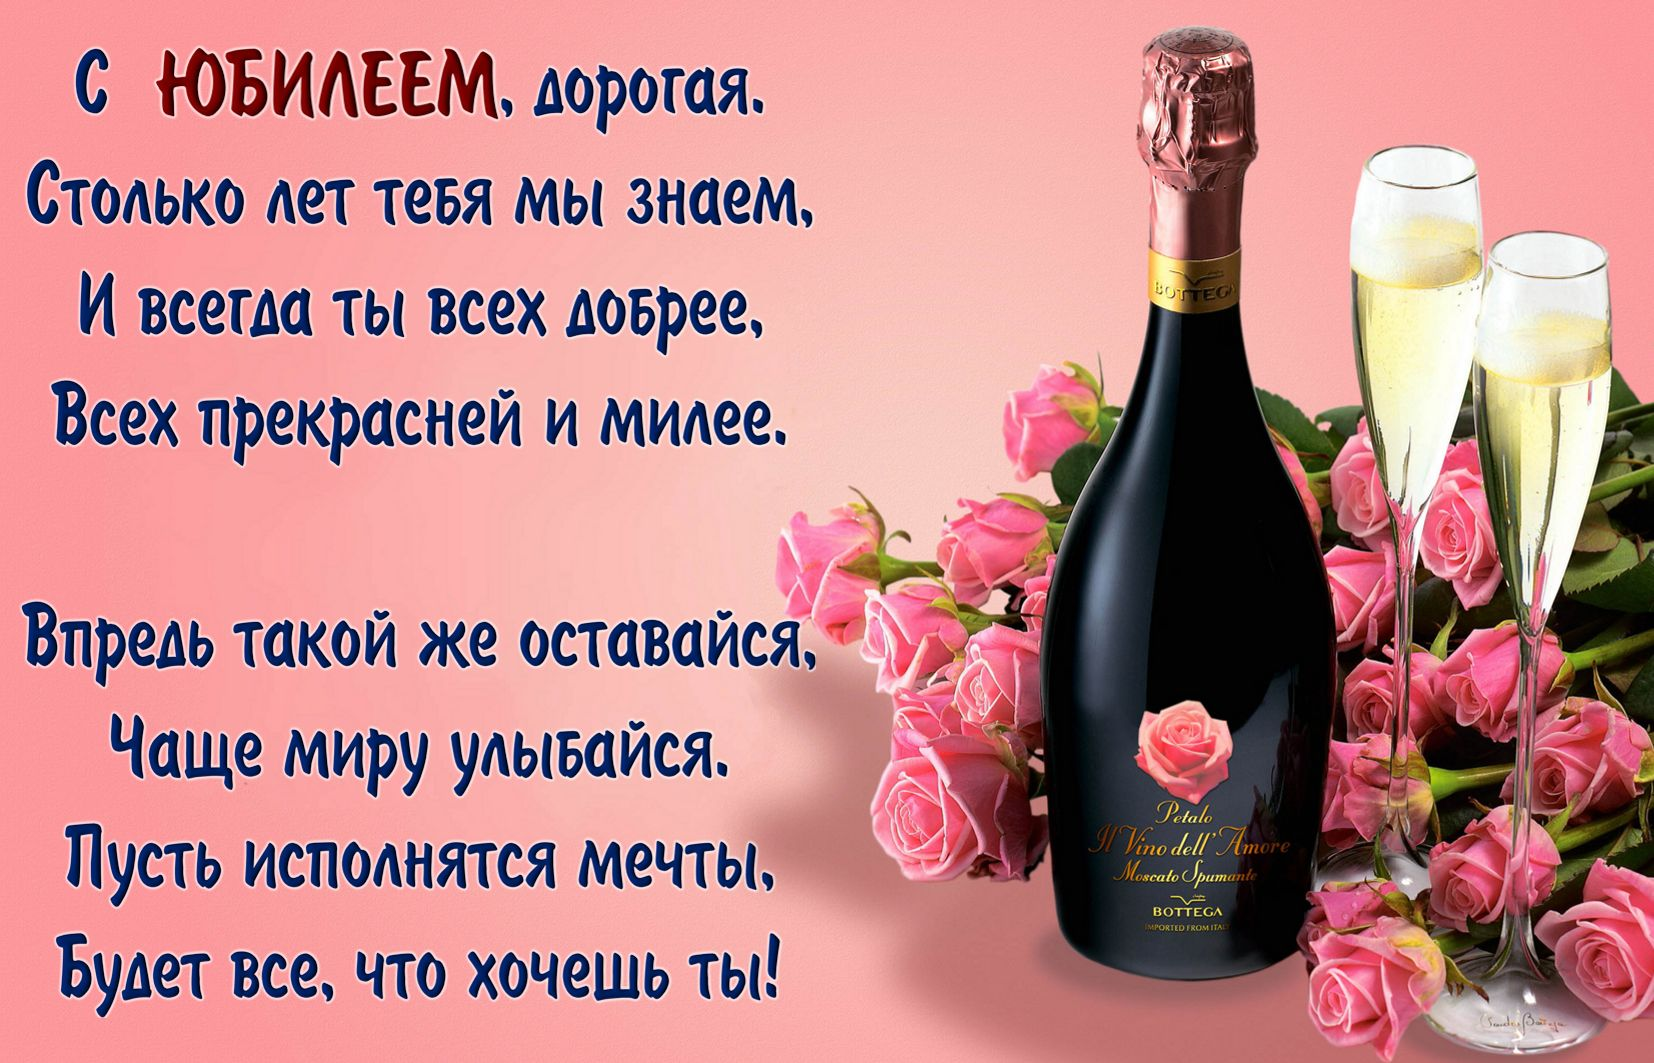 Поздравление с днем рождения ирине 40 лет